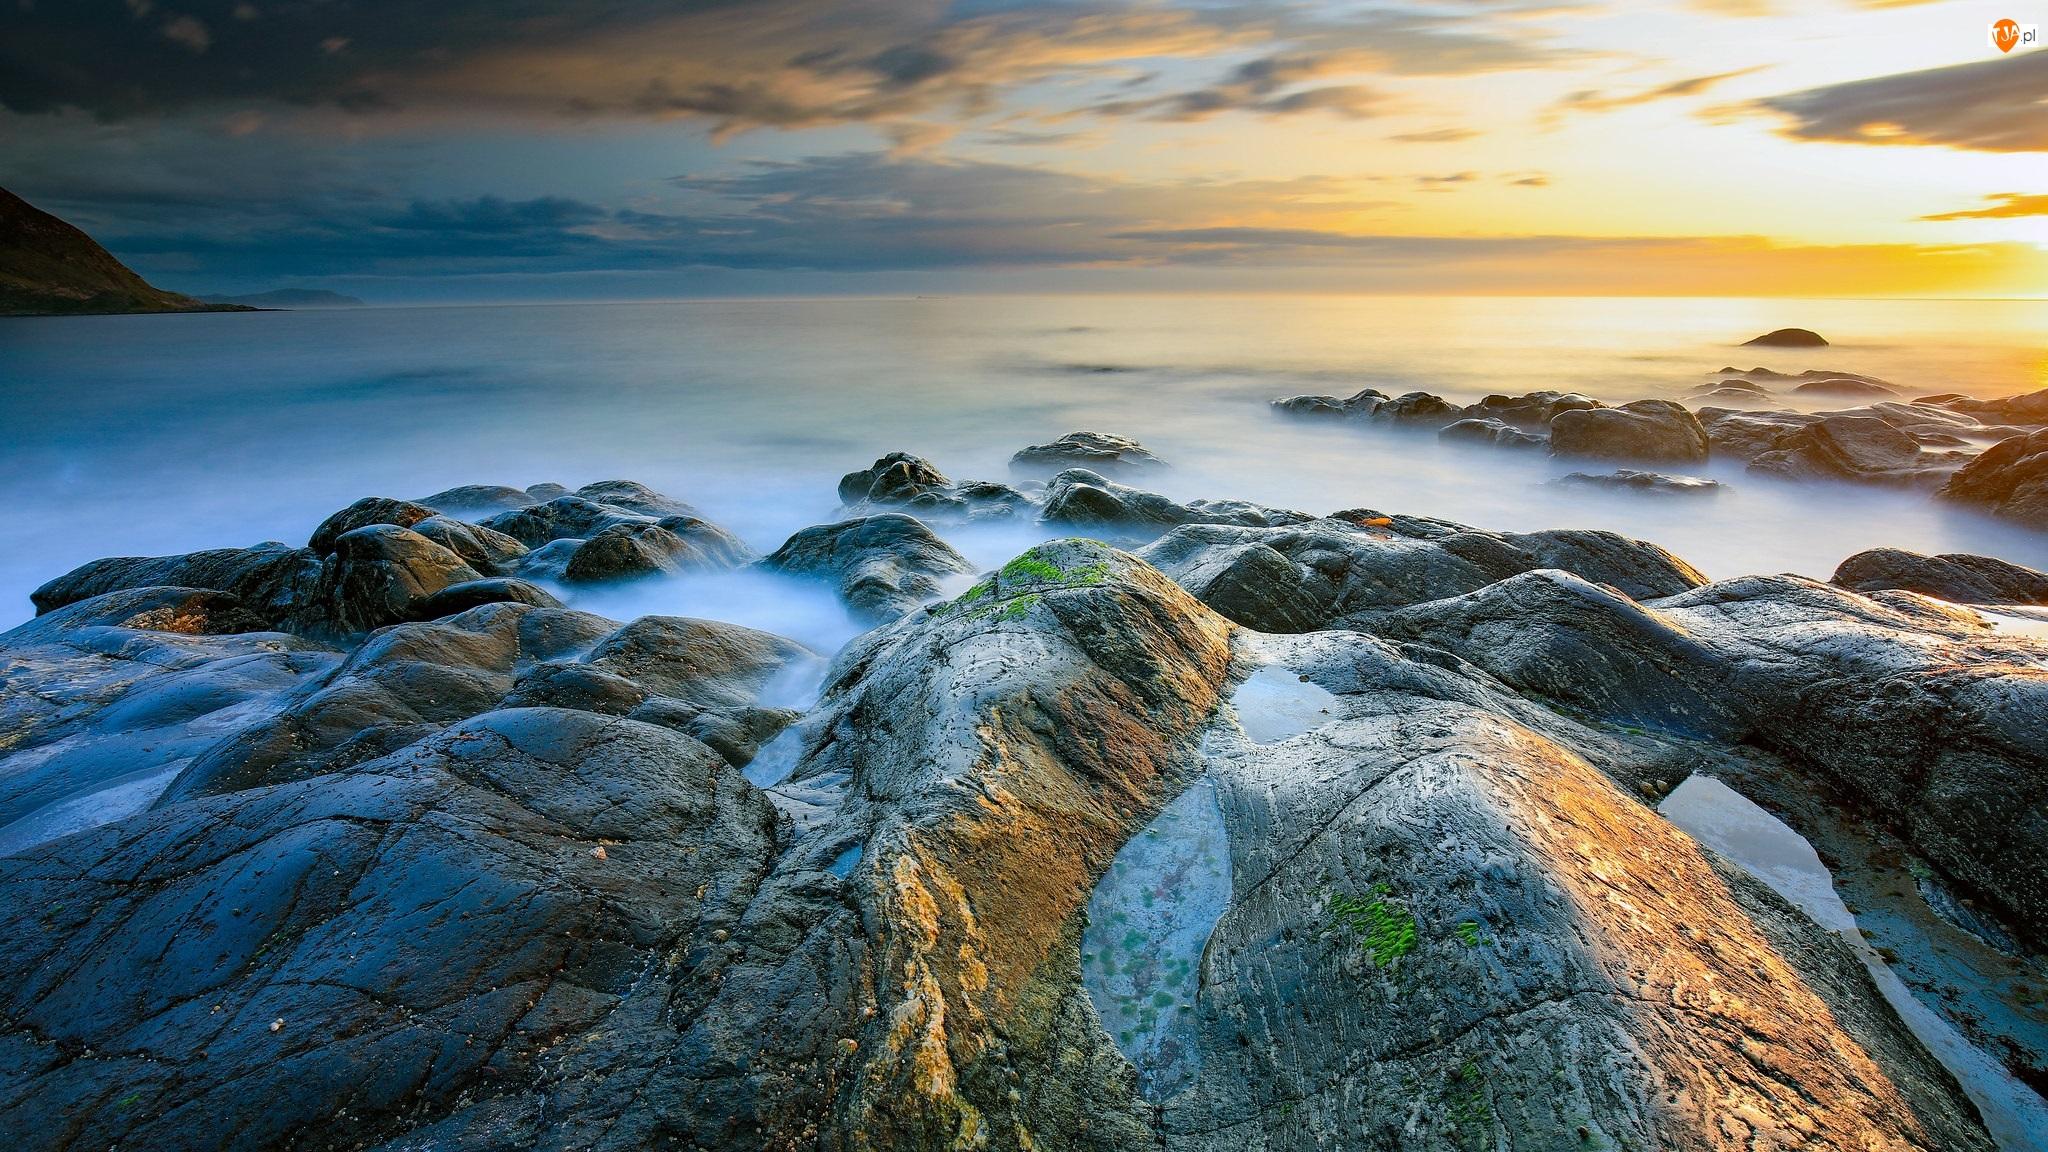 Morze, Wschód słońca, Chmury, Skały